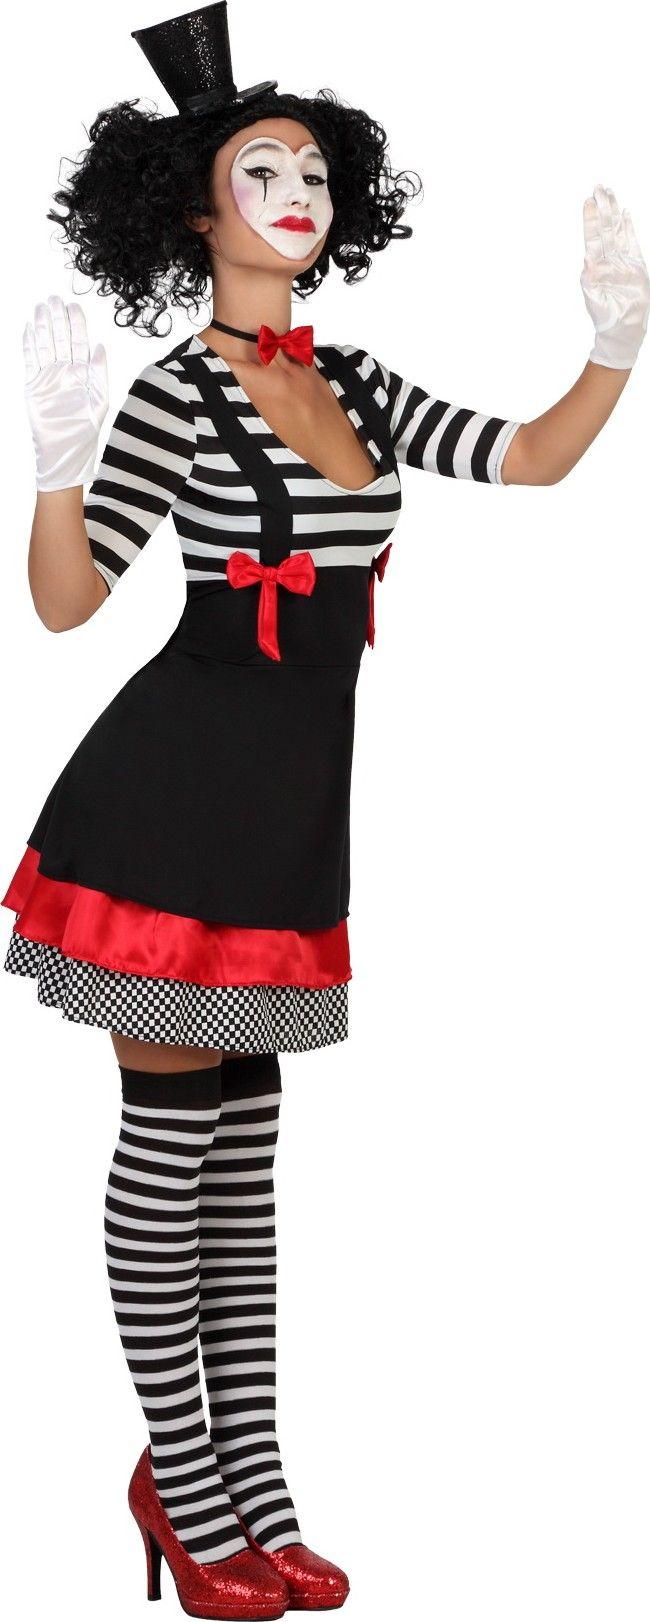 Halloween Kostuum Vrouw.Mimespeler Kostuum Voor Vrouwen Dress Ups Mime Kostuum